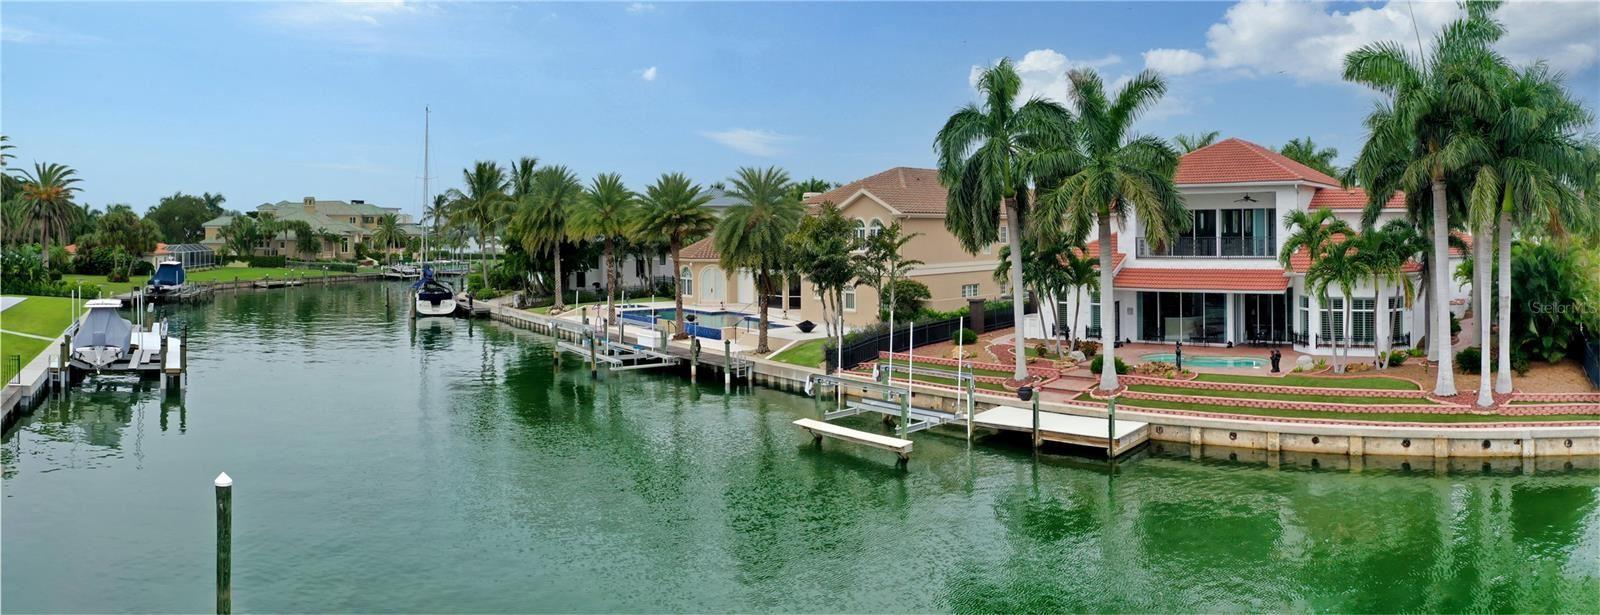 367 W ROYAL FLAMINGO DRIVE, Sarasota, FL 34236 - #: A4510316